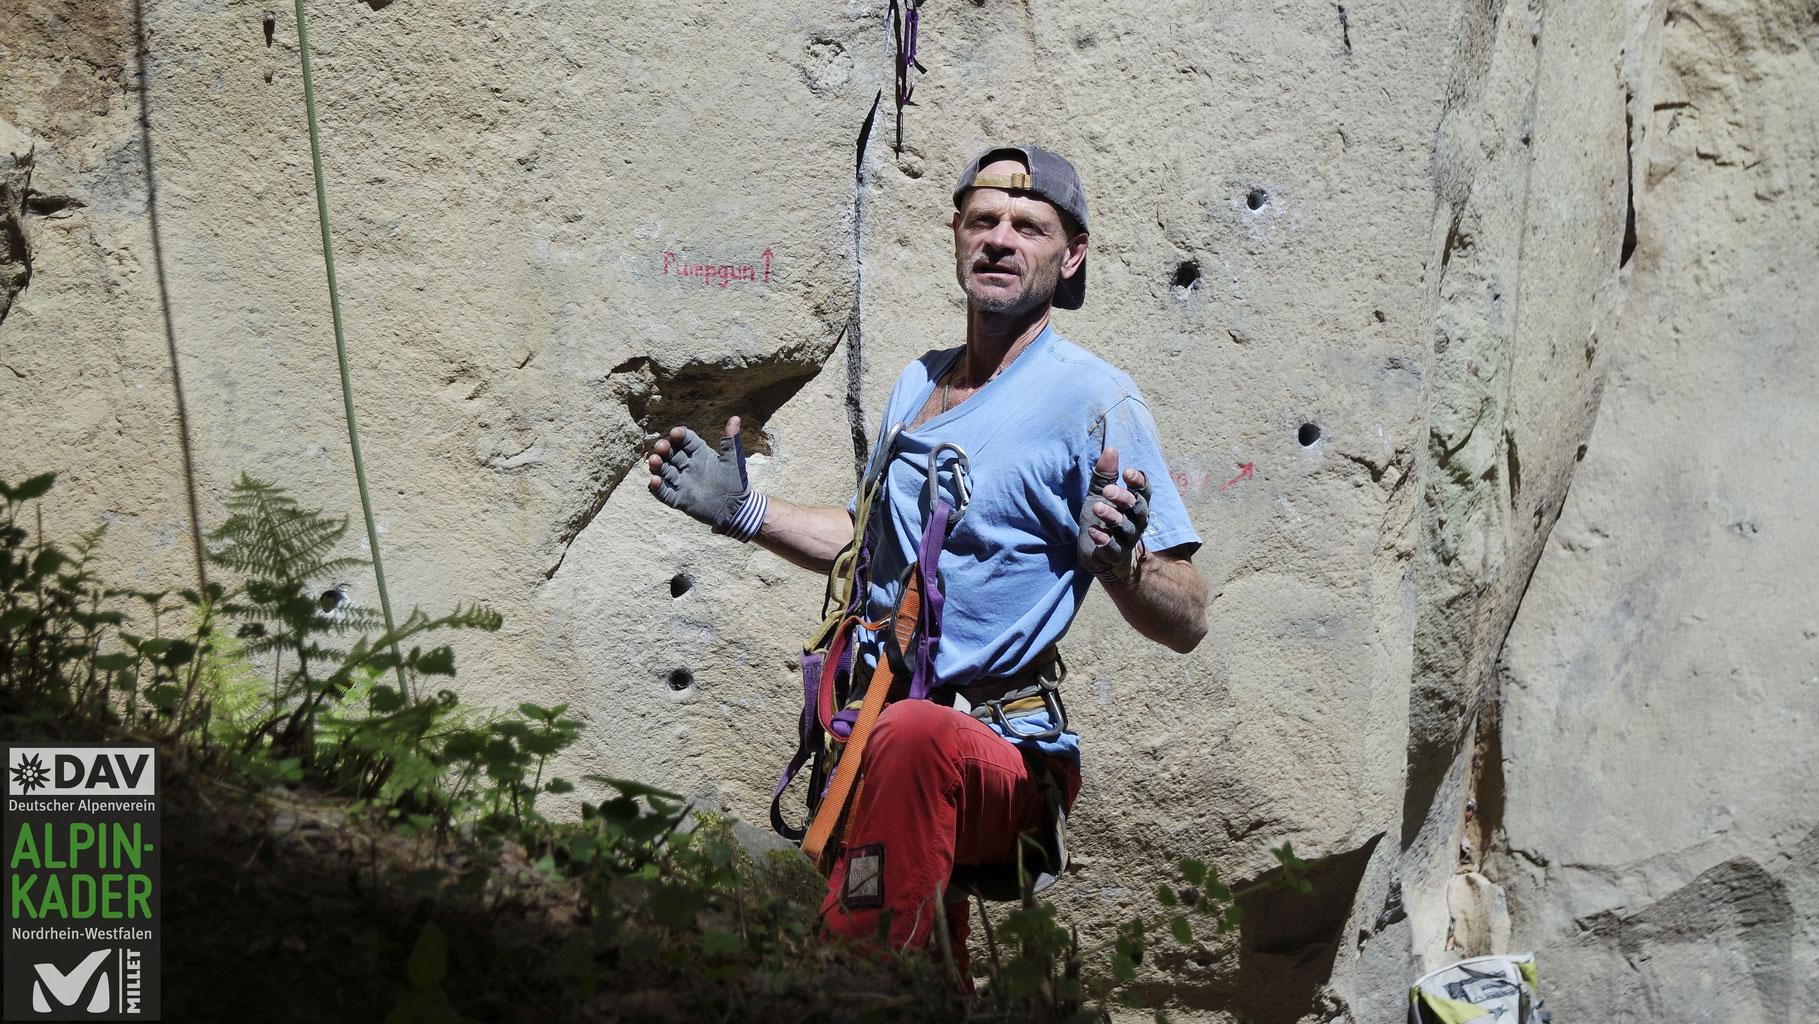 Kletterausrüstung Dav : Die kunst des materialkampfes dav alpinkader nrw